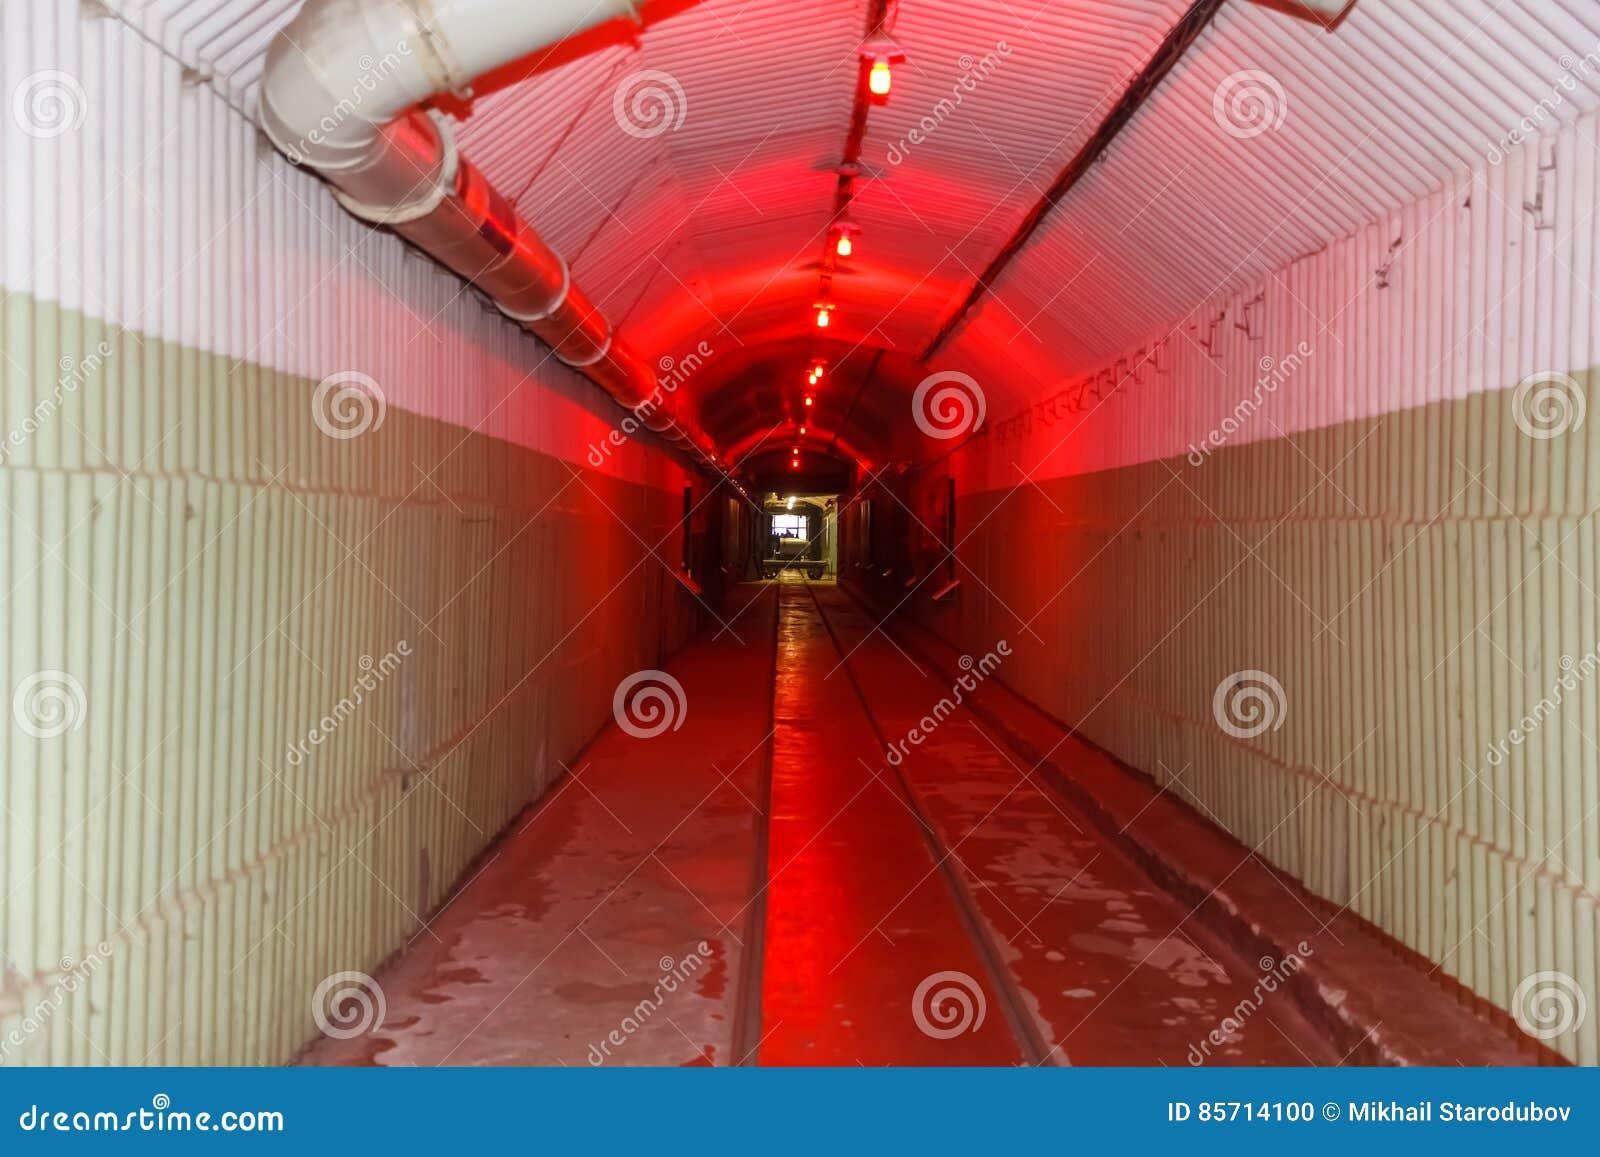 Η αποθήκη από το Ψυχρό Πόλεμο, αντιτίθεται μια υπόγεια υποβρύχια βάση